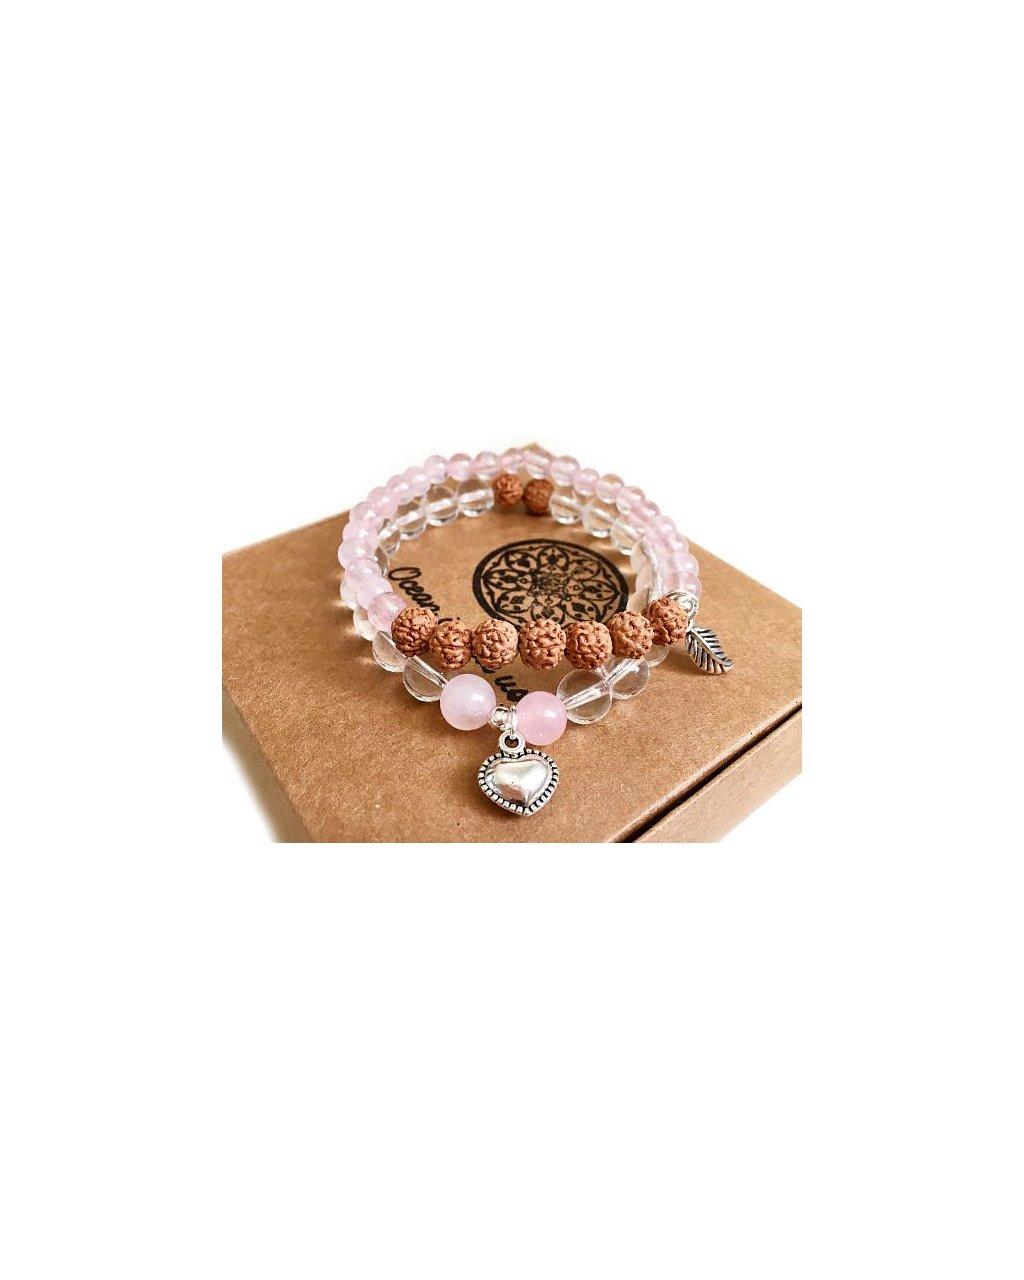 Dva náramky z minerálů s rudrakshou, růženínem a křišťálem